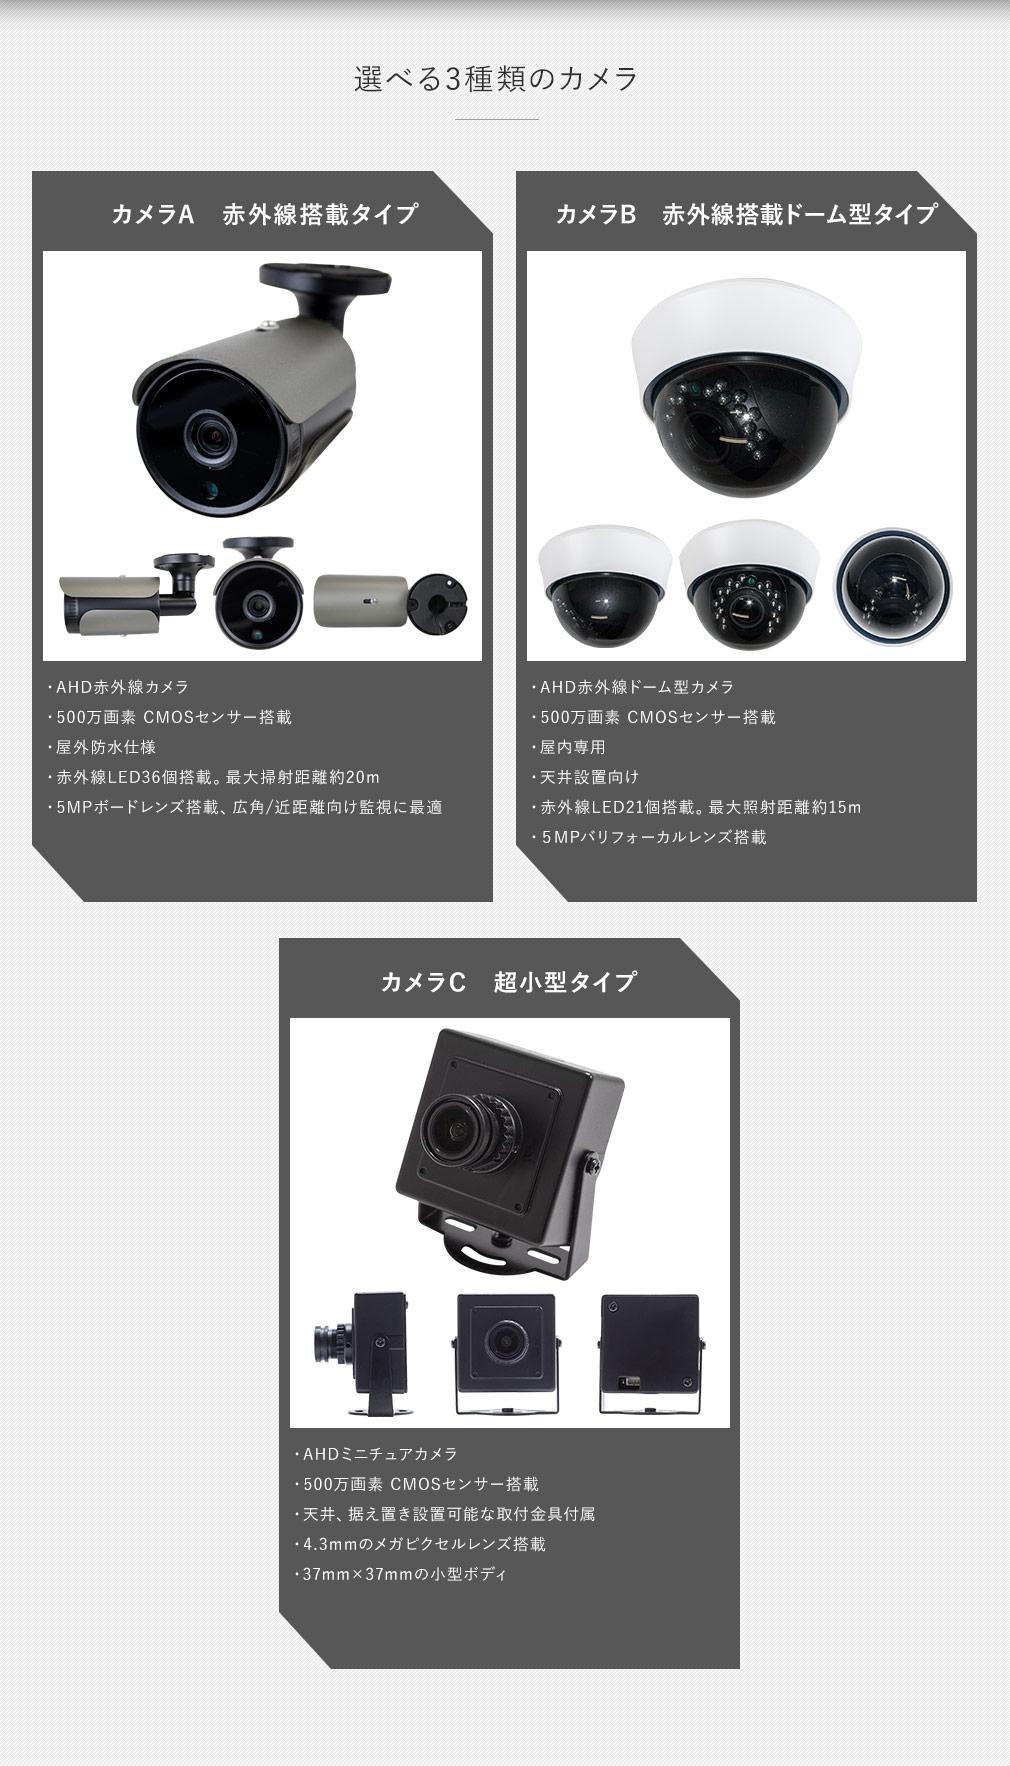 自治体などの入札案件にも対応した安心の激安商品(不法投棄監視と自動録画システム)。500万画素小型録画機 SD DVR高解像度デジタルビデオレコーダードローン用。